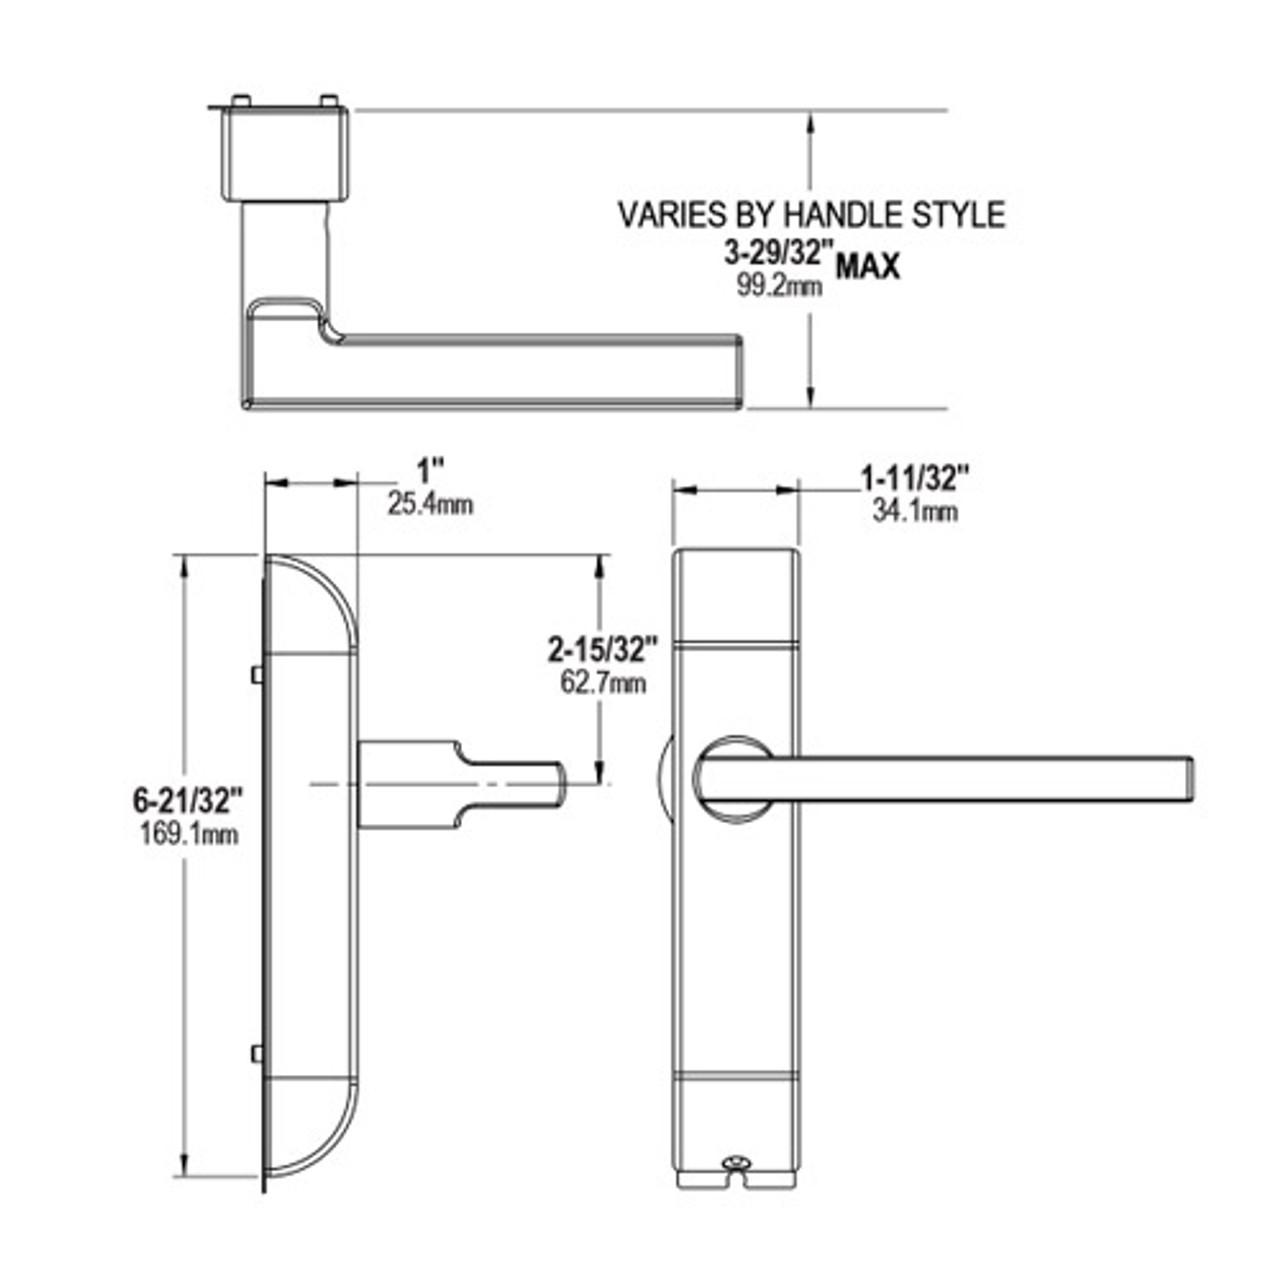 4600-MJ-542-US3 Adams Rite MJ Designer handle Dimensional View